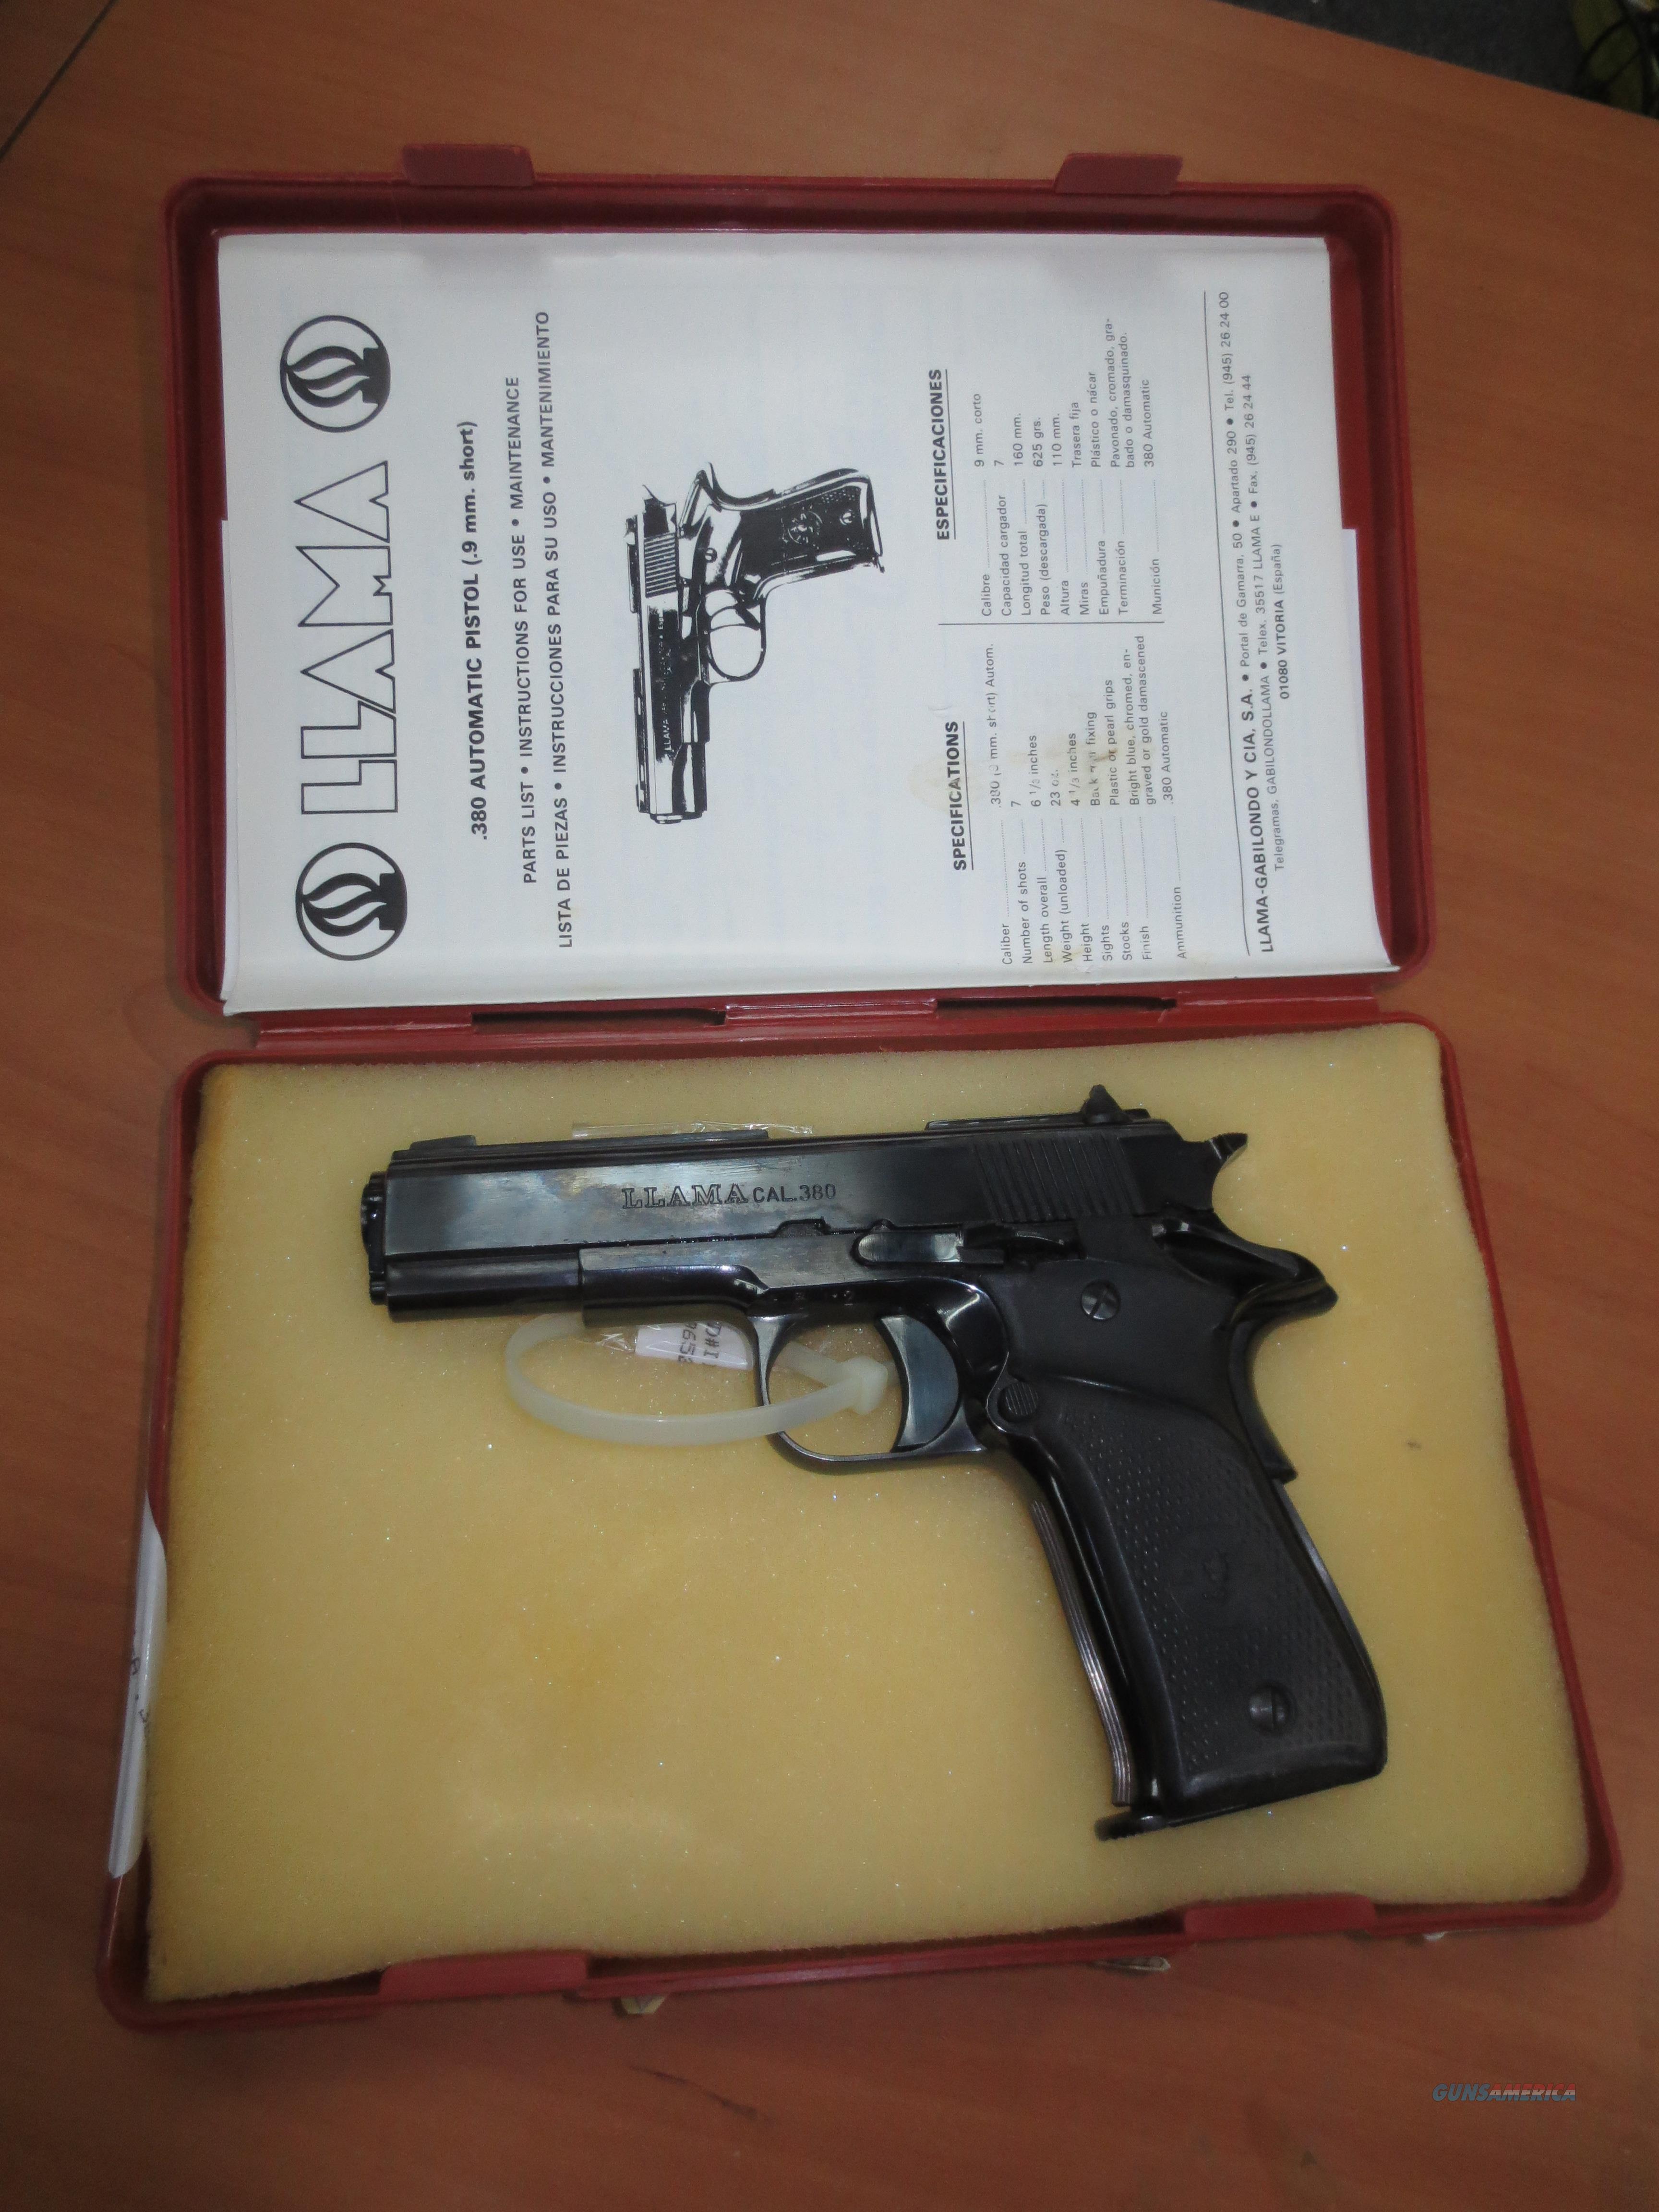 Llama Model III-A .380 caliber  Guns > Pistols > Llama Pistols